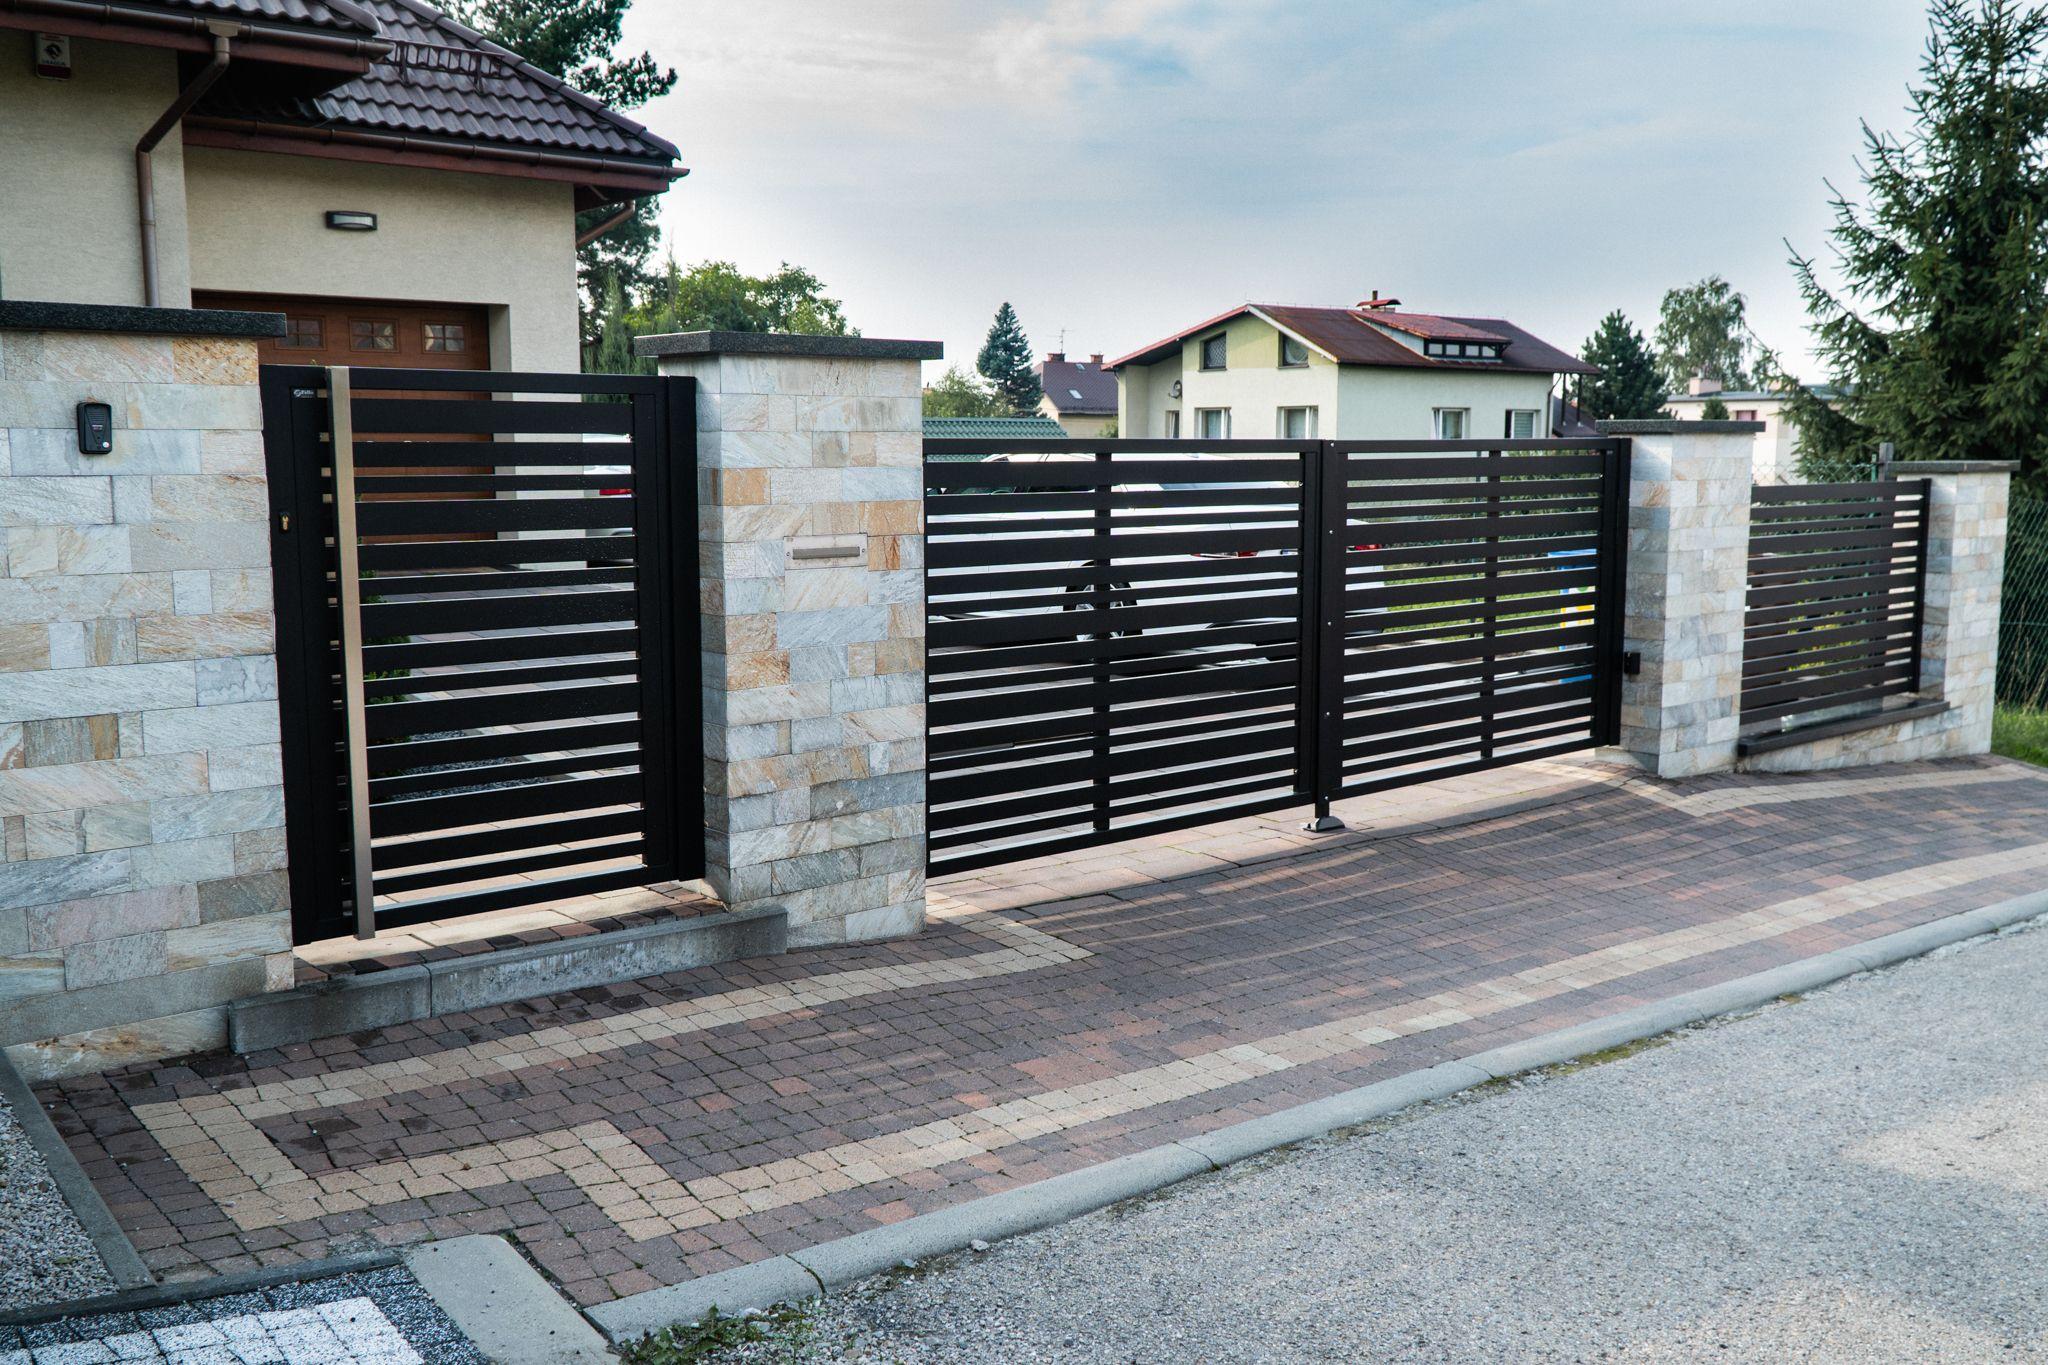 Ogrodzenie Aluminiowe Model Multi Lakierowane Proszkowo Wysoka Jakosc Ogrodzenie Brama Plot Ogrodzeniepalisadowe Alumin Outdoor Outdoor Decor Garage Doors